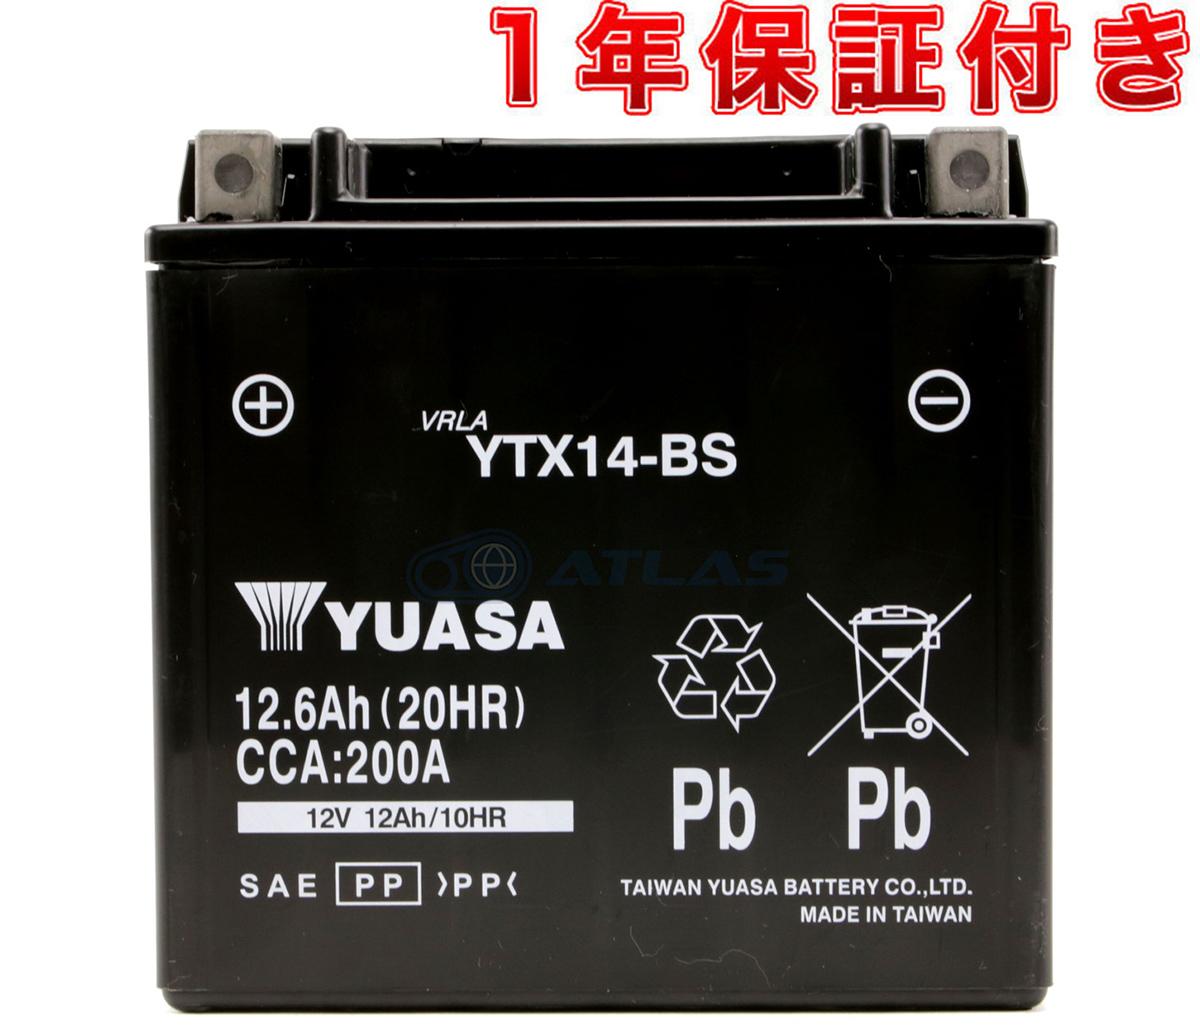 新作多数 コスパ最強台湾ユアサバッテリー LINE友だちクーポン発行中 バイク バッテリー台湾YUASA YTX14-BS 入手困難 1年保証付き 液入り充電済み 互換FTX14-BS GTX14-BS